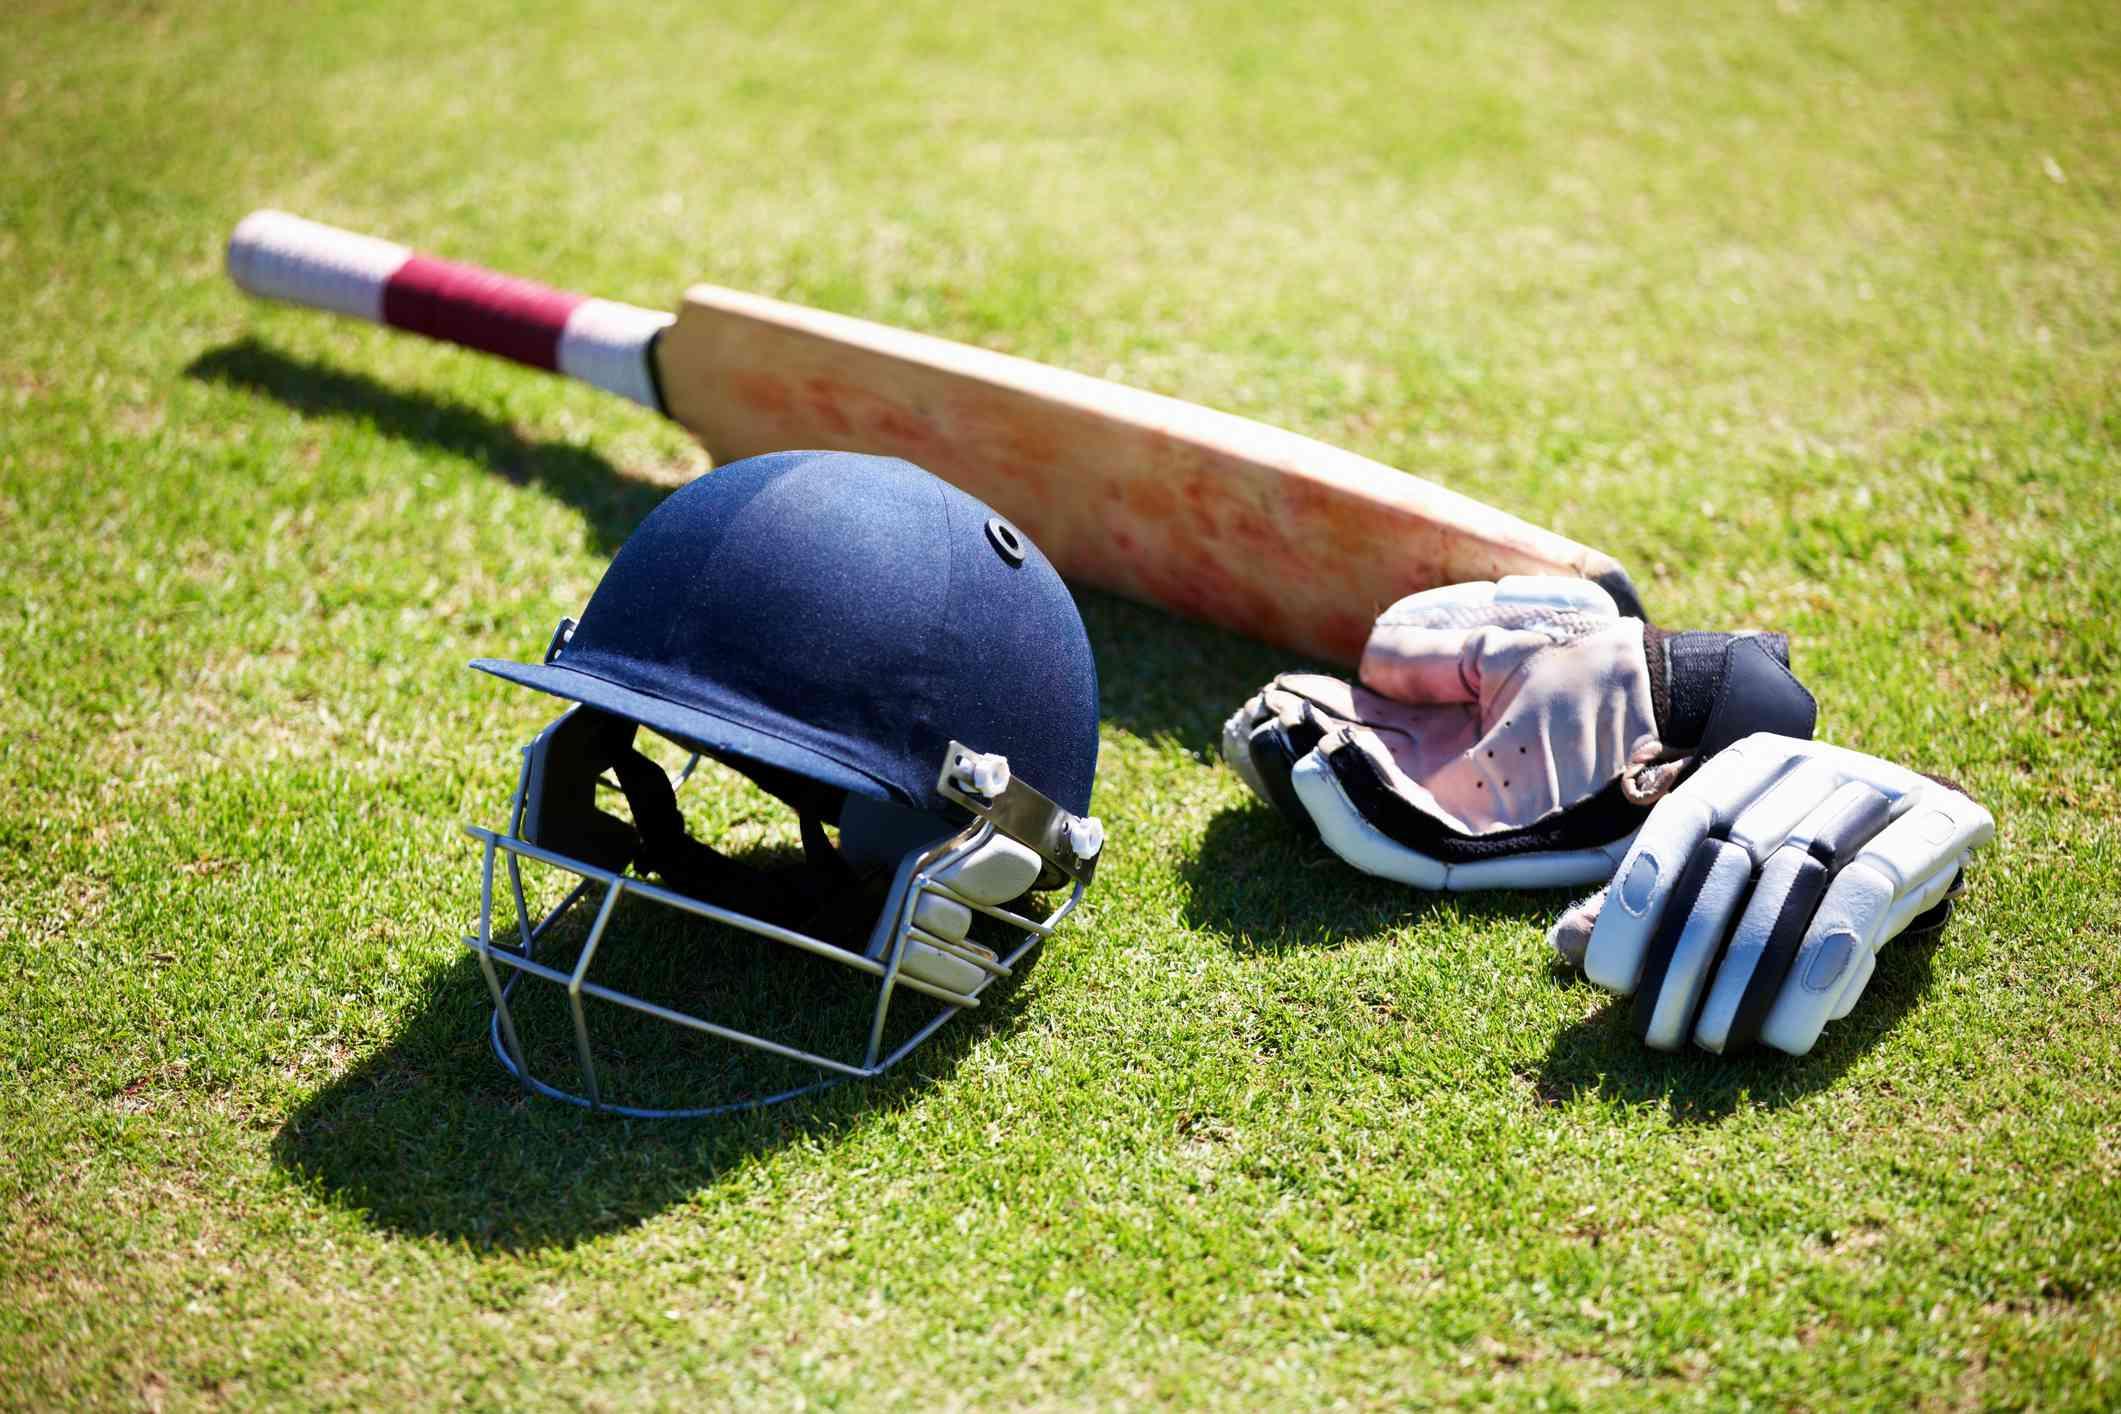 Cricket tools for batsman